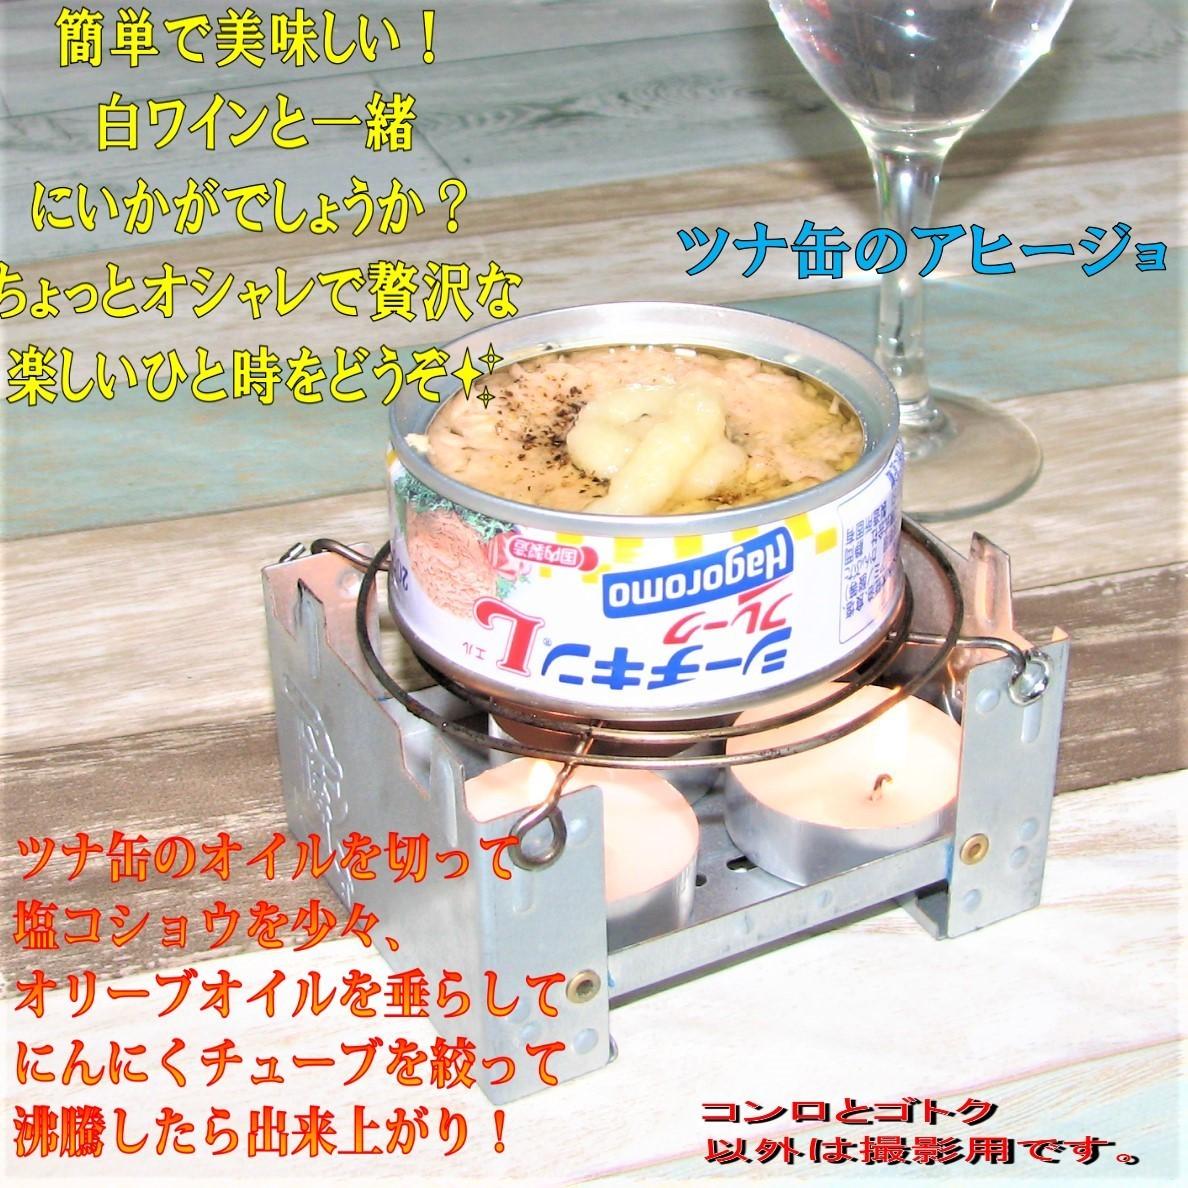 ウニコ様専用 コンロ+鉄板+トレー